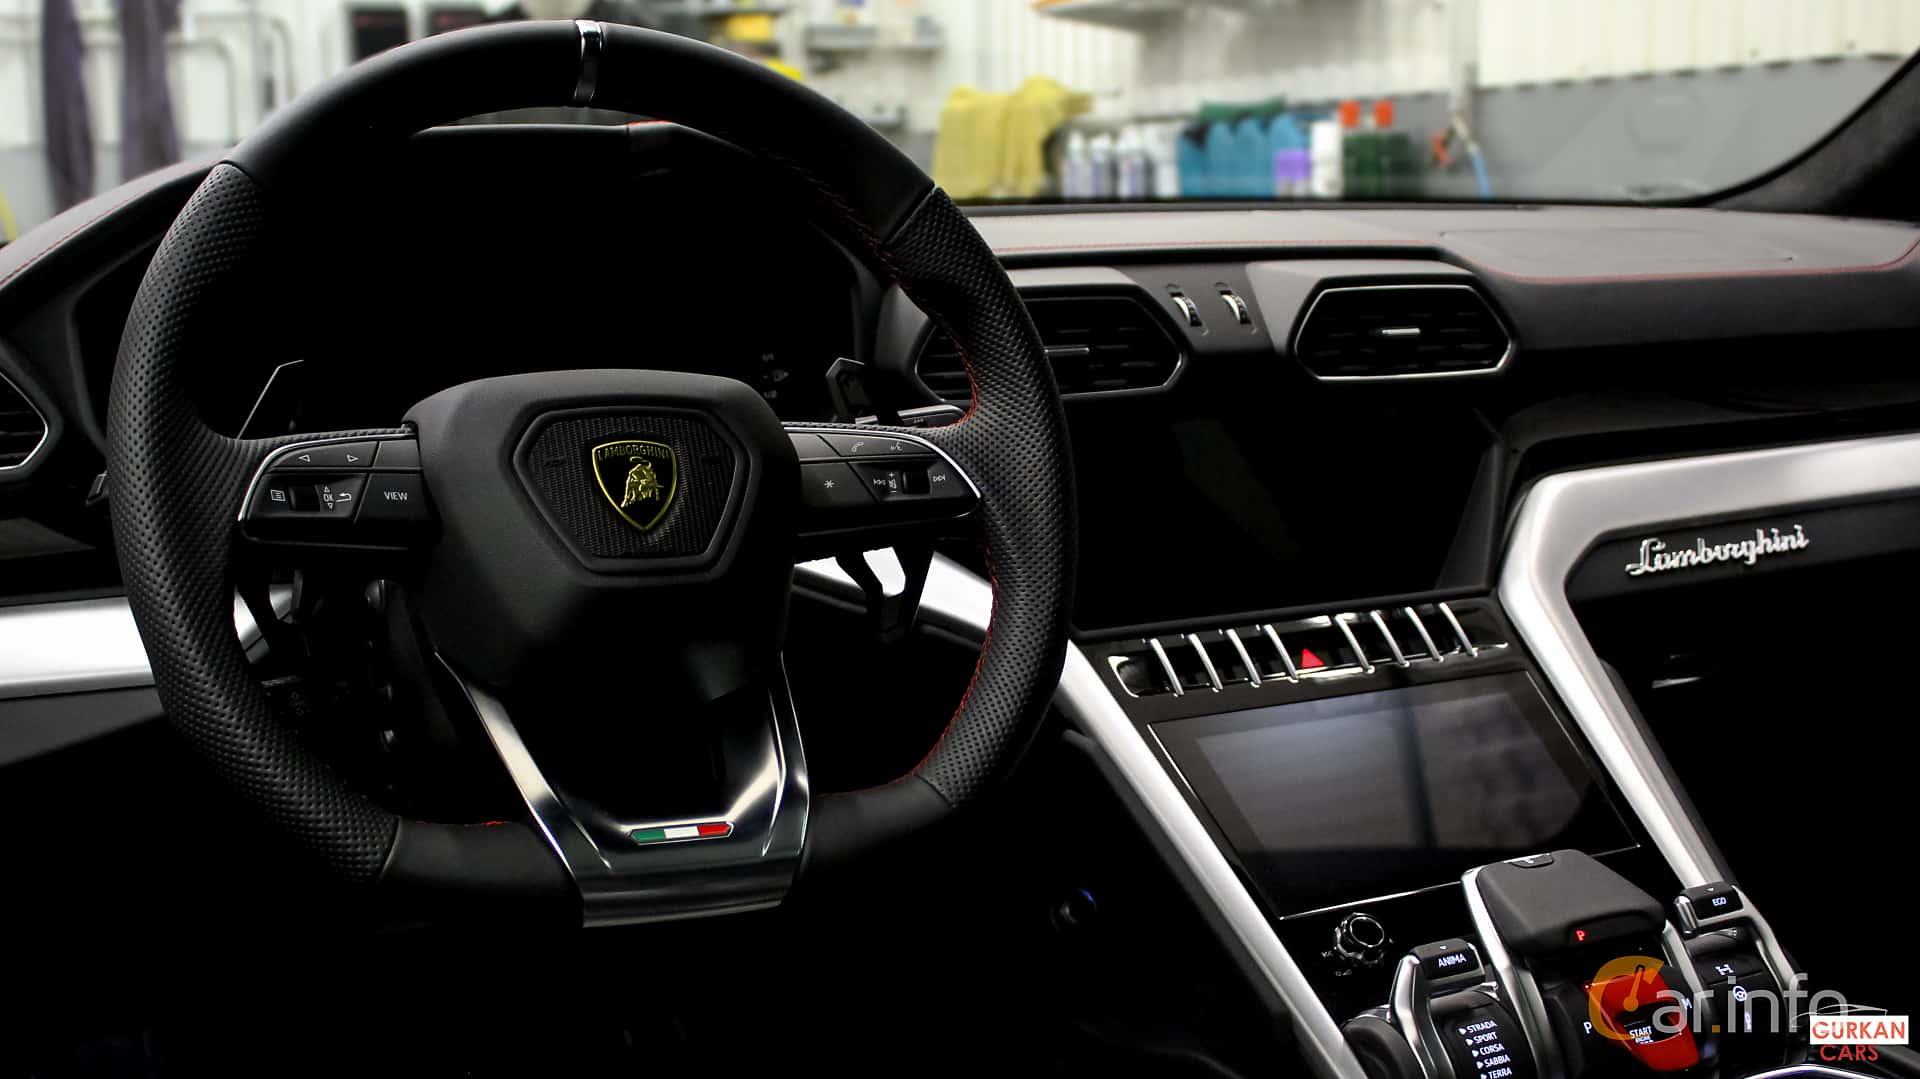 Lamborghini Urus 4.0 V8 AWD Automatisk, 650hk, 2018